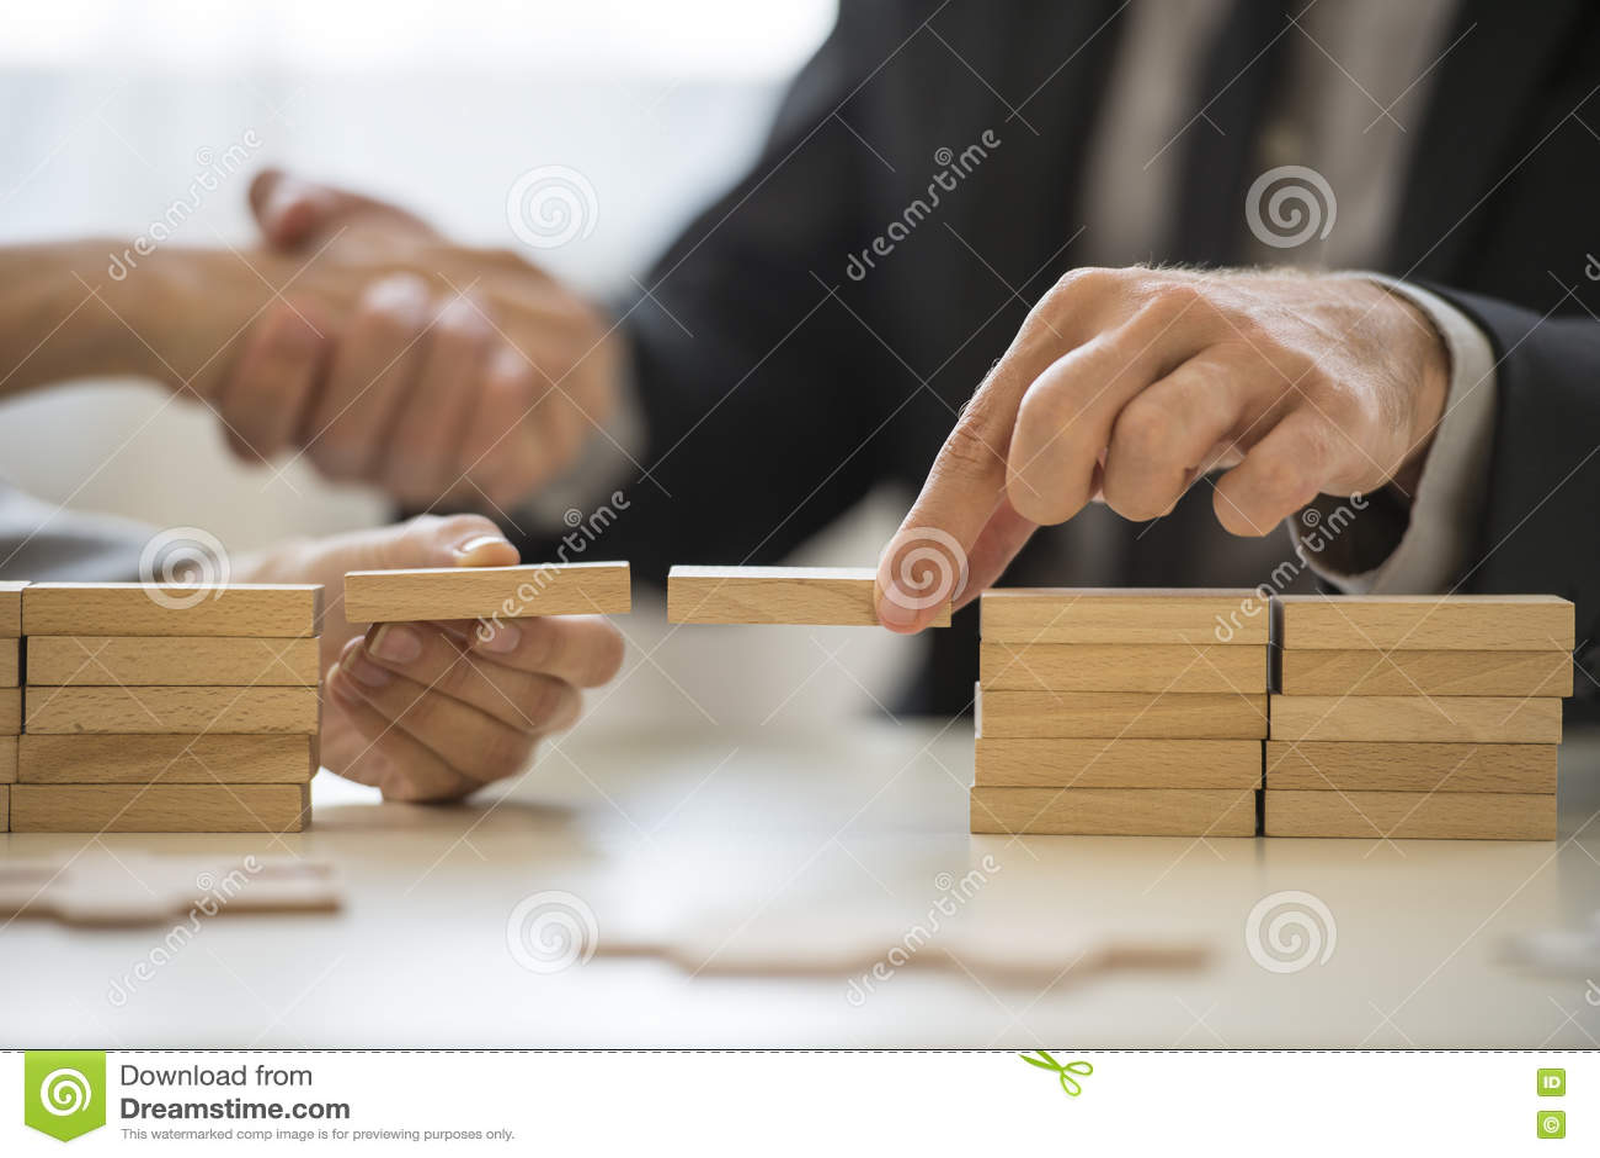 Pracy zespołowej lub budynku mostów pojęcie